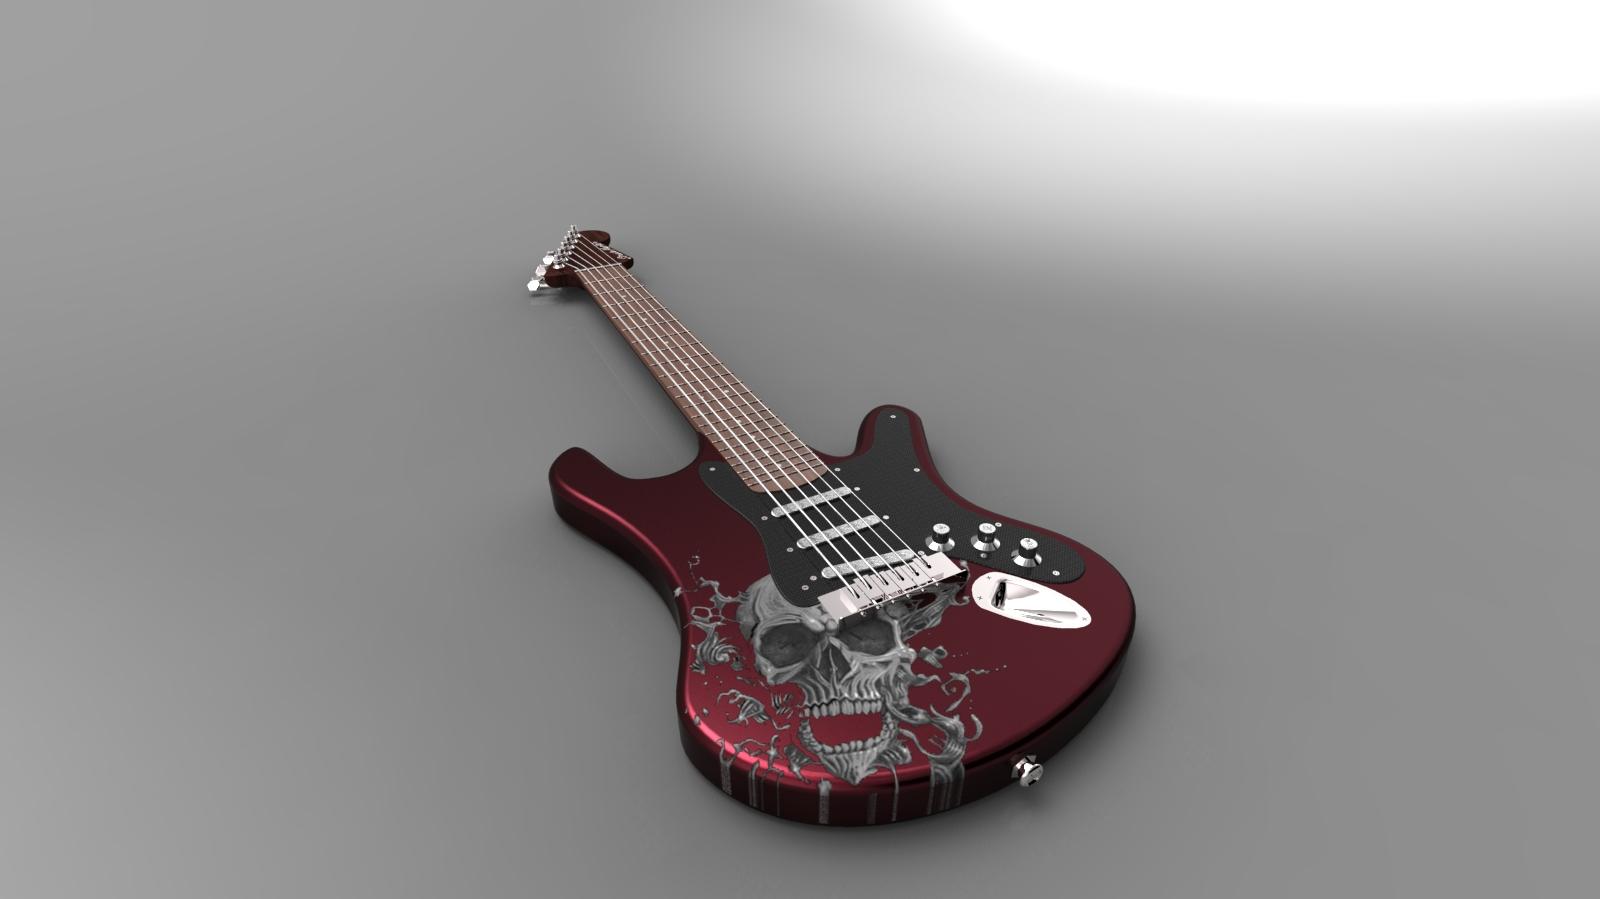 电吉他_solidworks_玩具礼品_3d模型_图纸下载_微小网